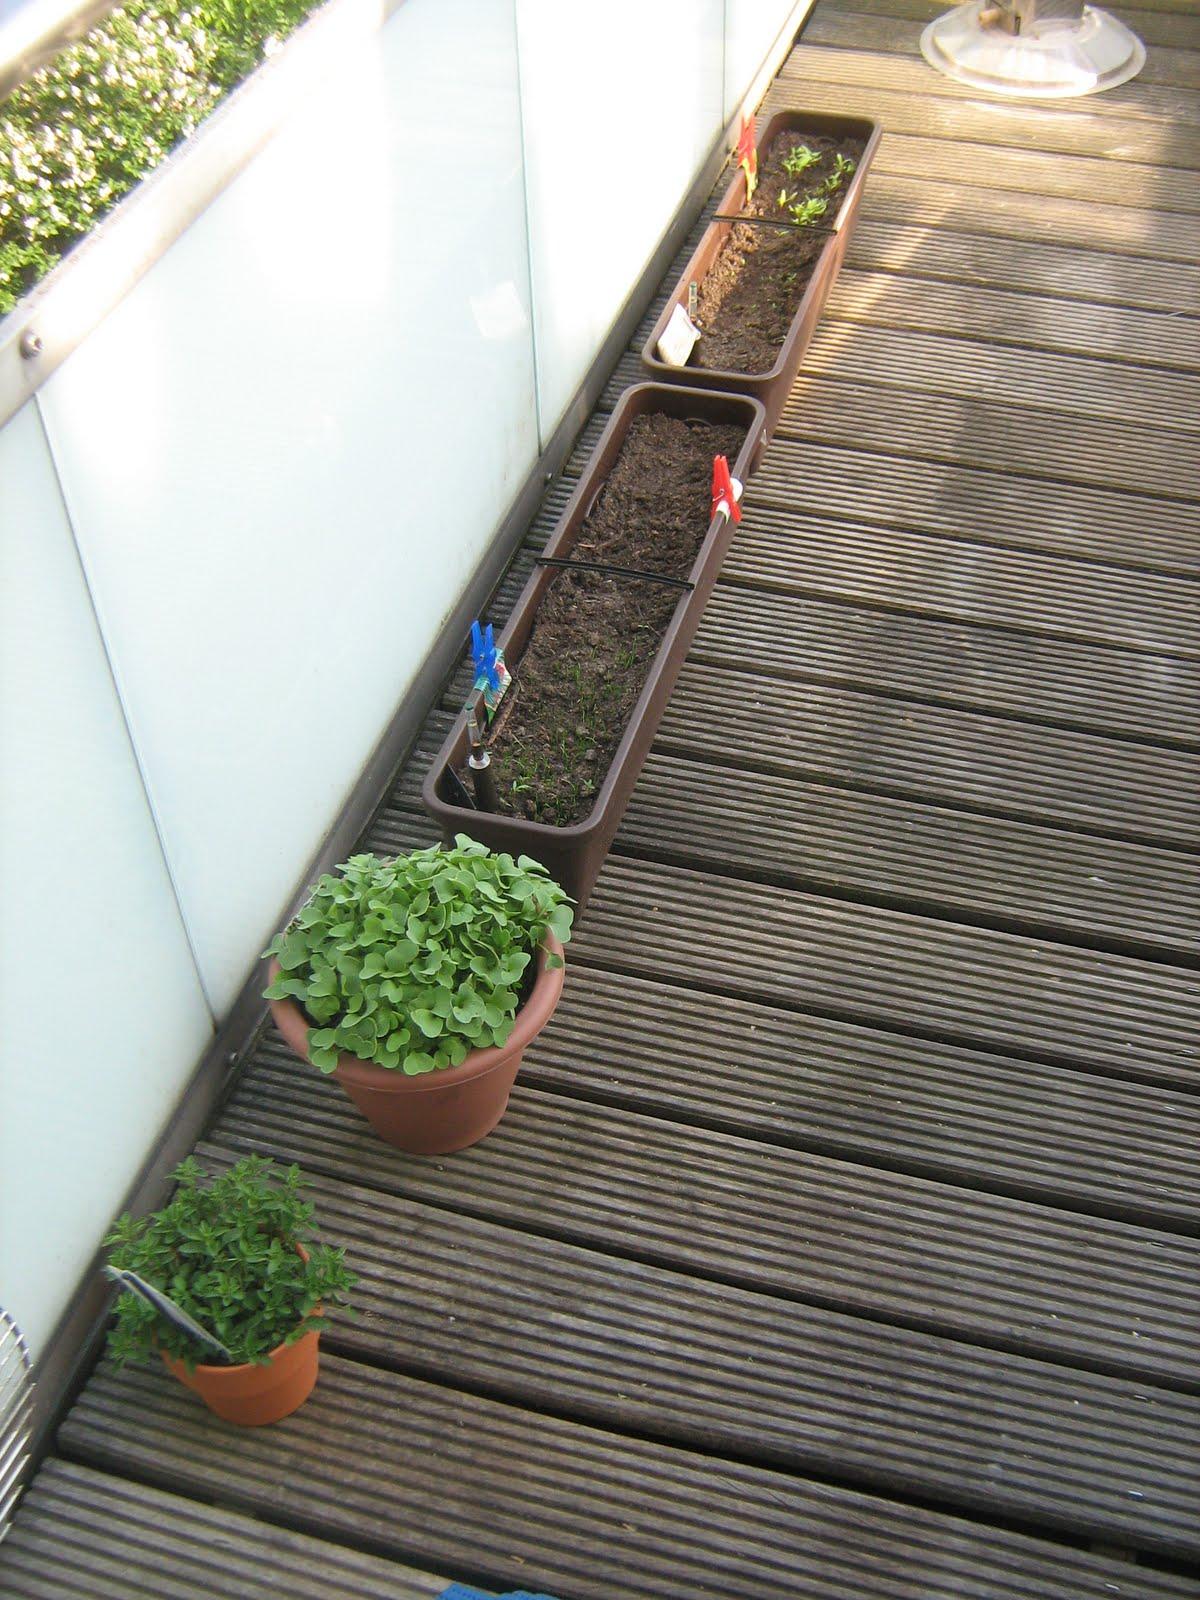 kr uterbalkon weitere wachstum und die umgepflanzten flei ig wachsenden radieschen. Black Bedroom Furniture Sets. Home Design Ideas